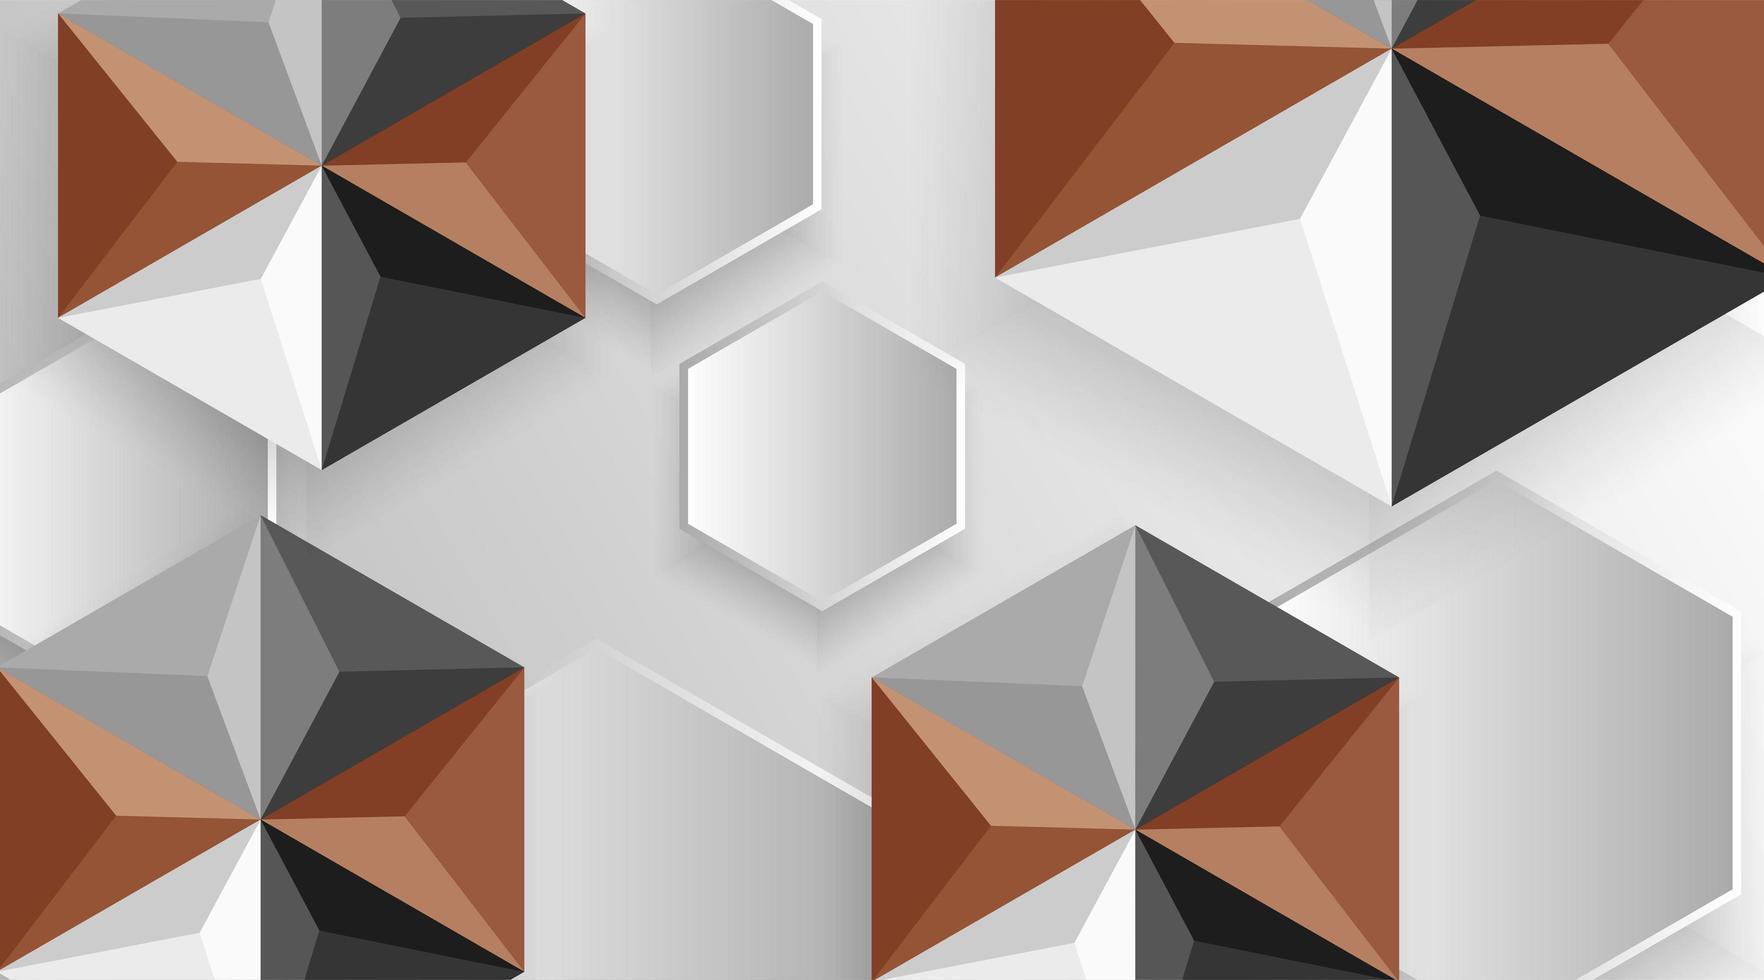 Fondo de patrón de forma hexagonal 3d marrón y gris vector